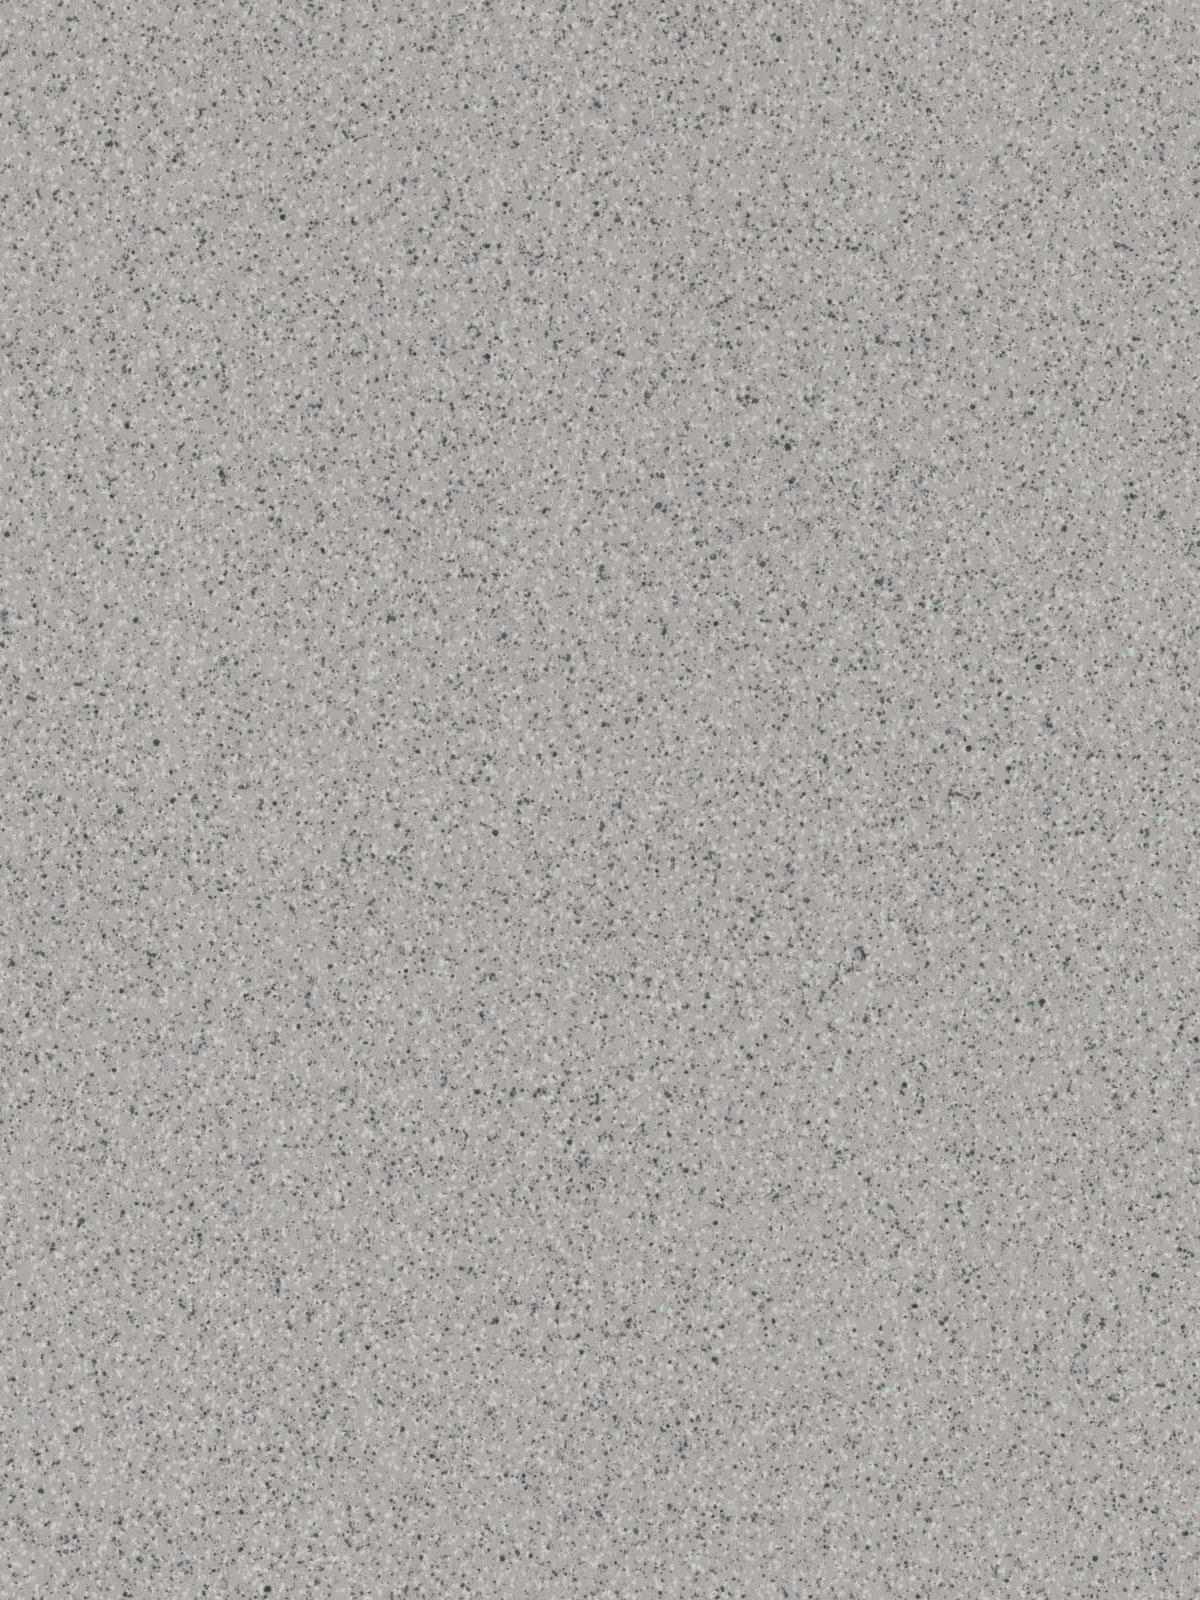 APLA Küchenarbeitsplatten GmbH 8192 Aplangrau